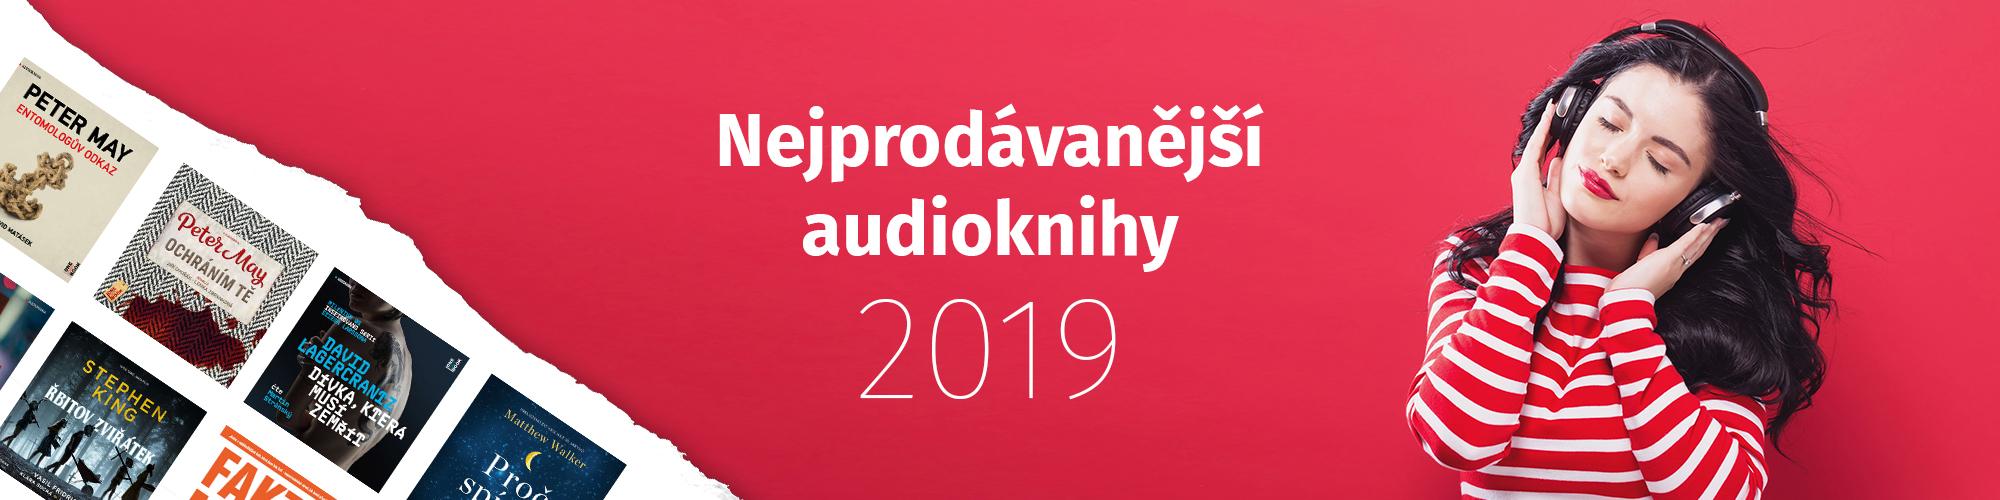 Nejprodávanější audioknihy roku 2019